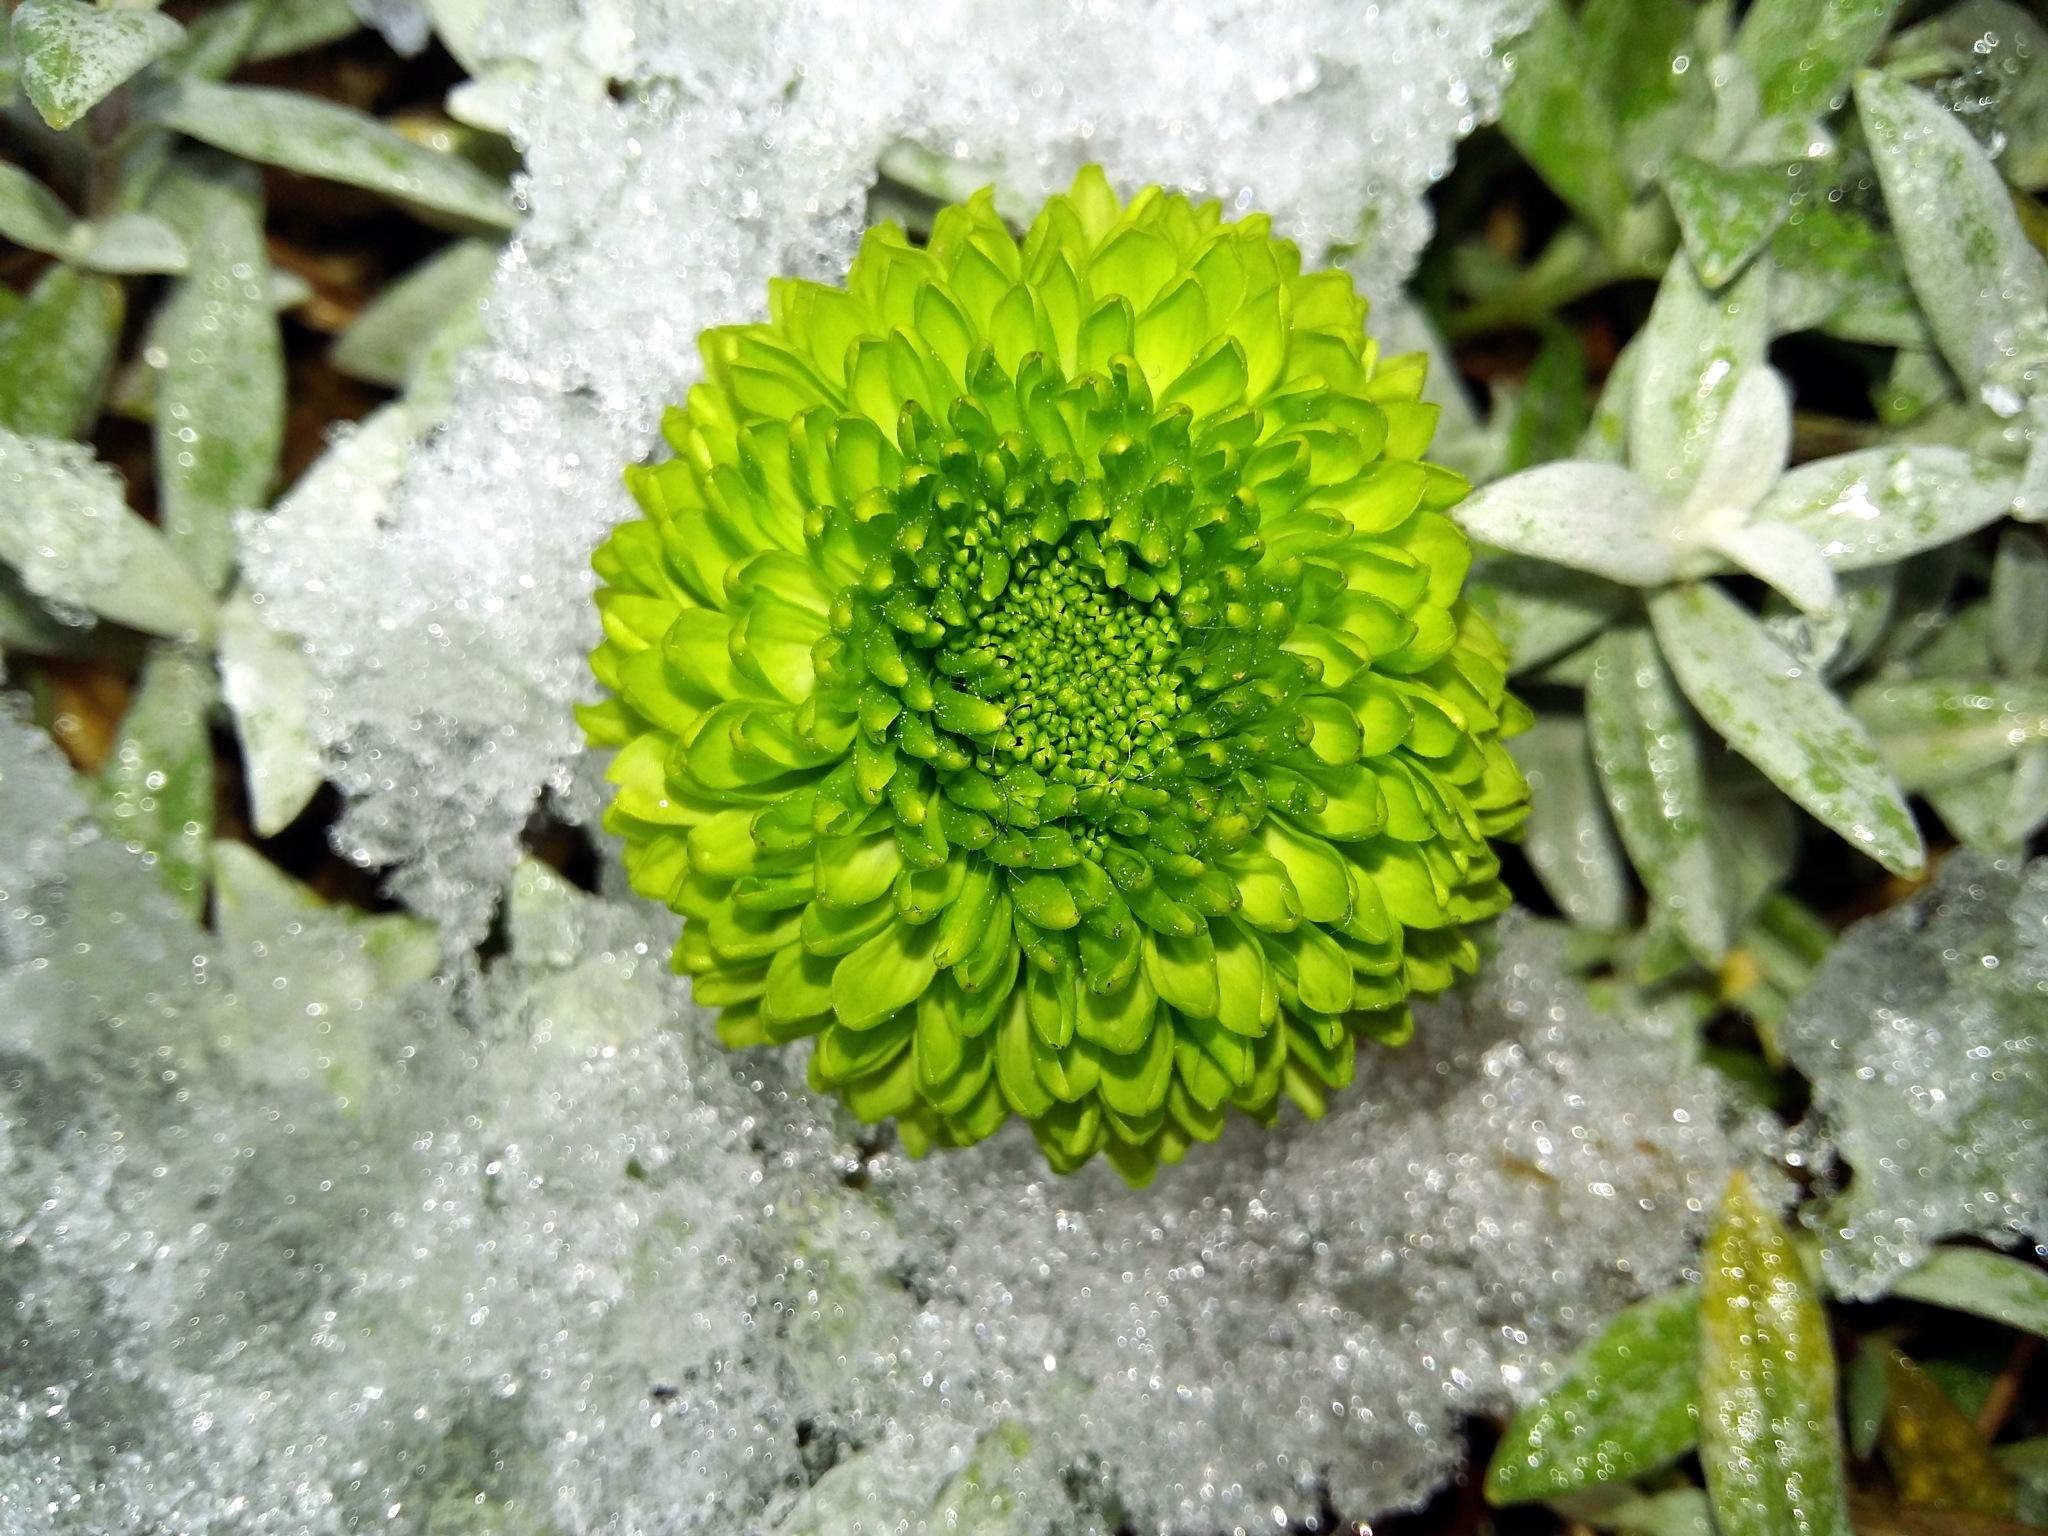 Flower in the snow by uzkuraitiene62